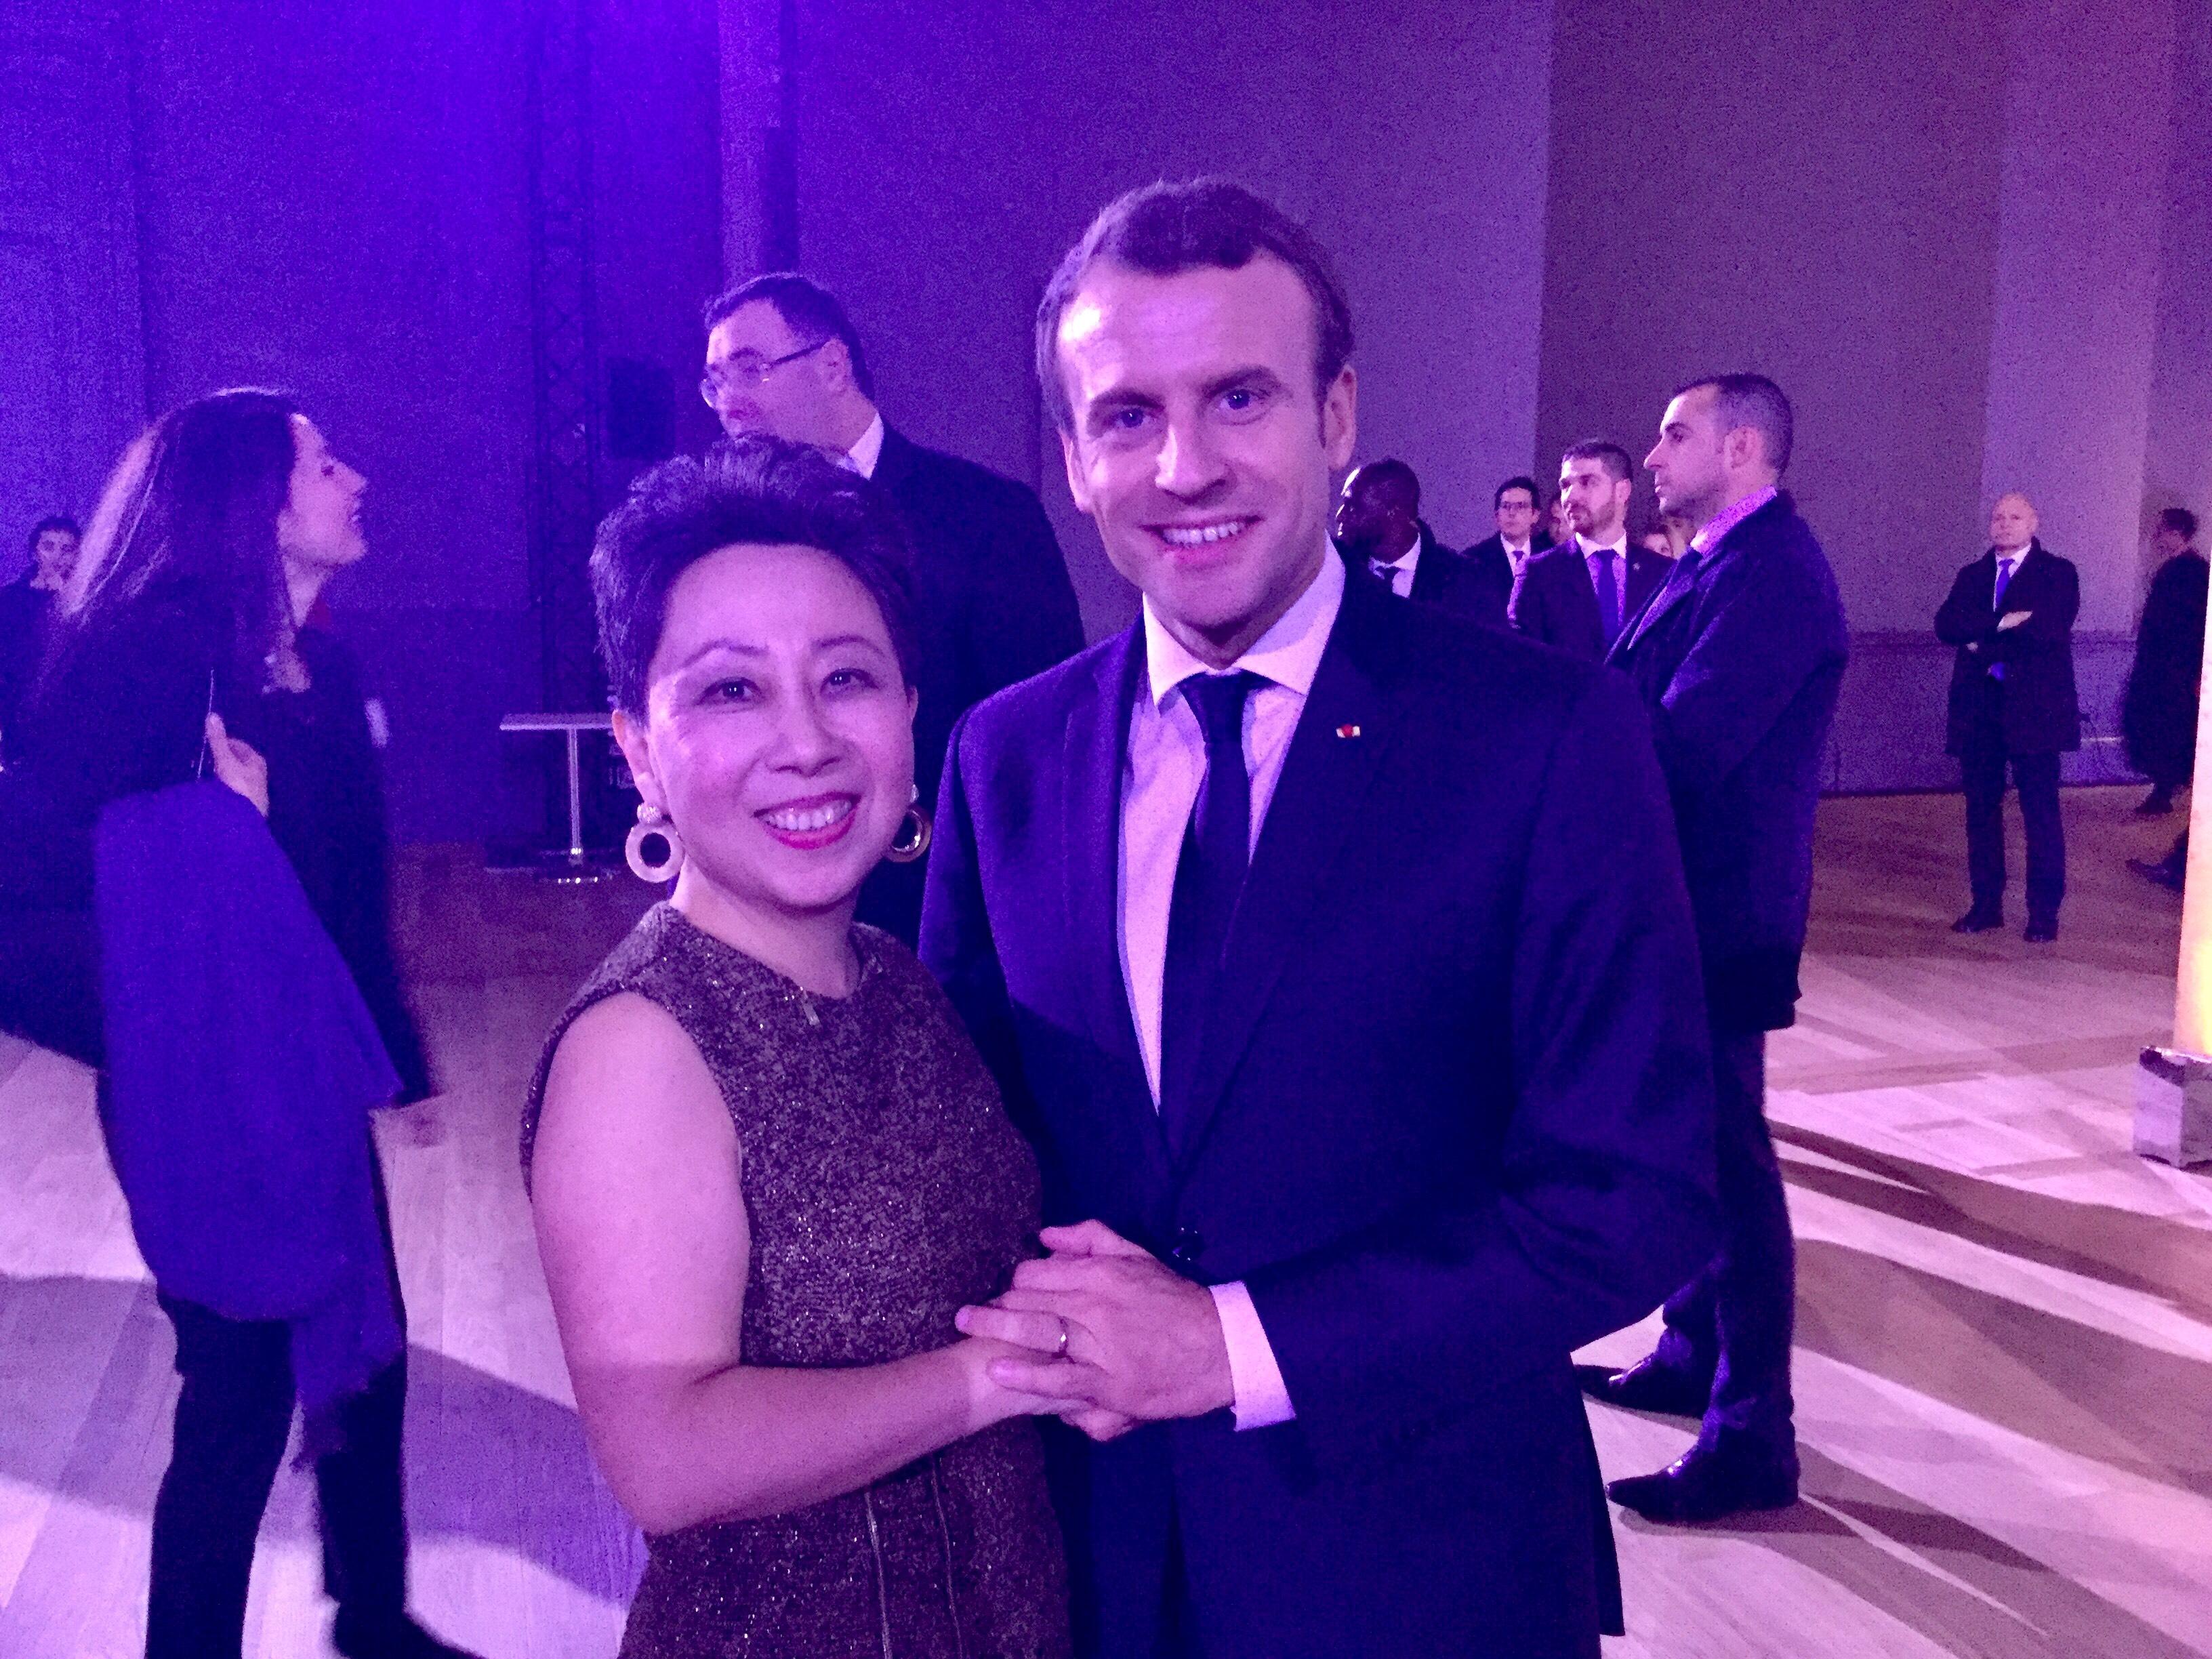 Noelle Xie Emmanuel Macron